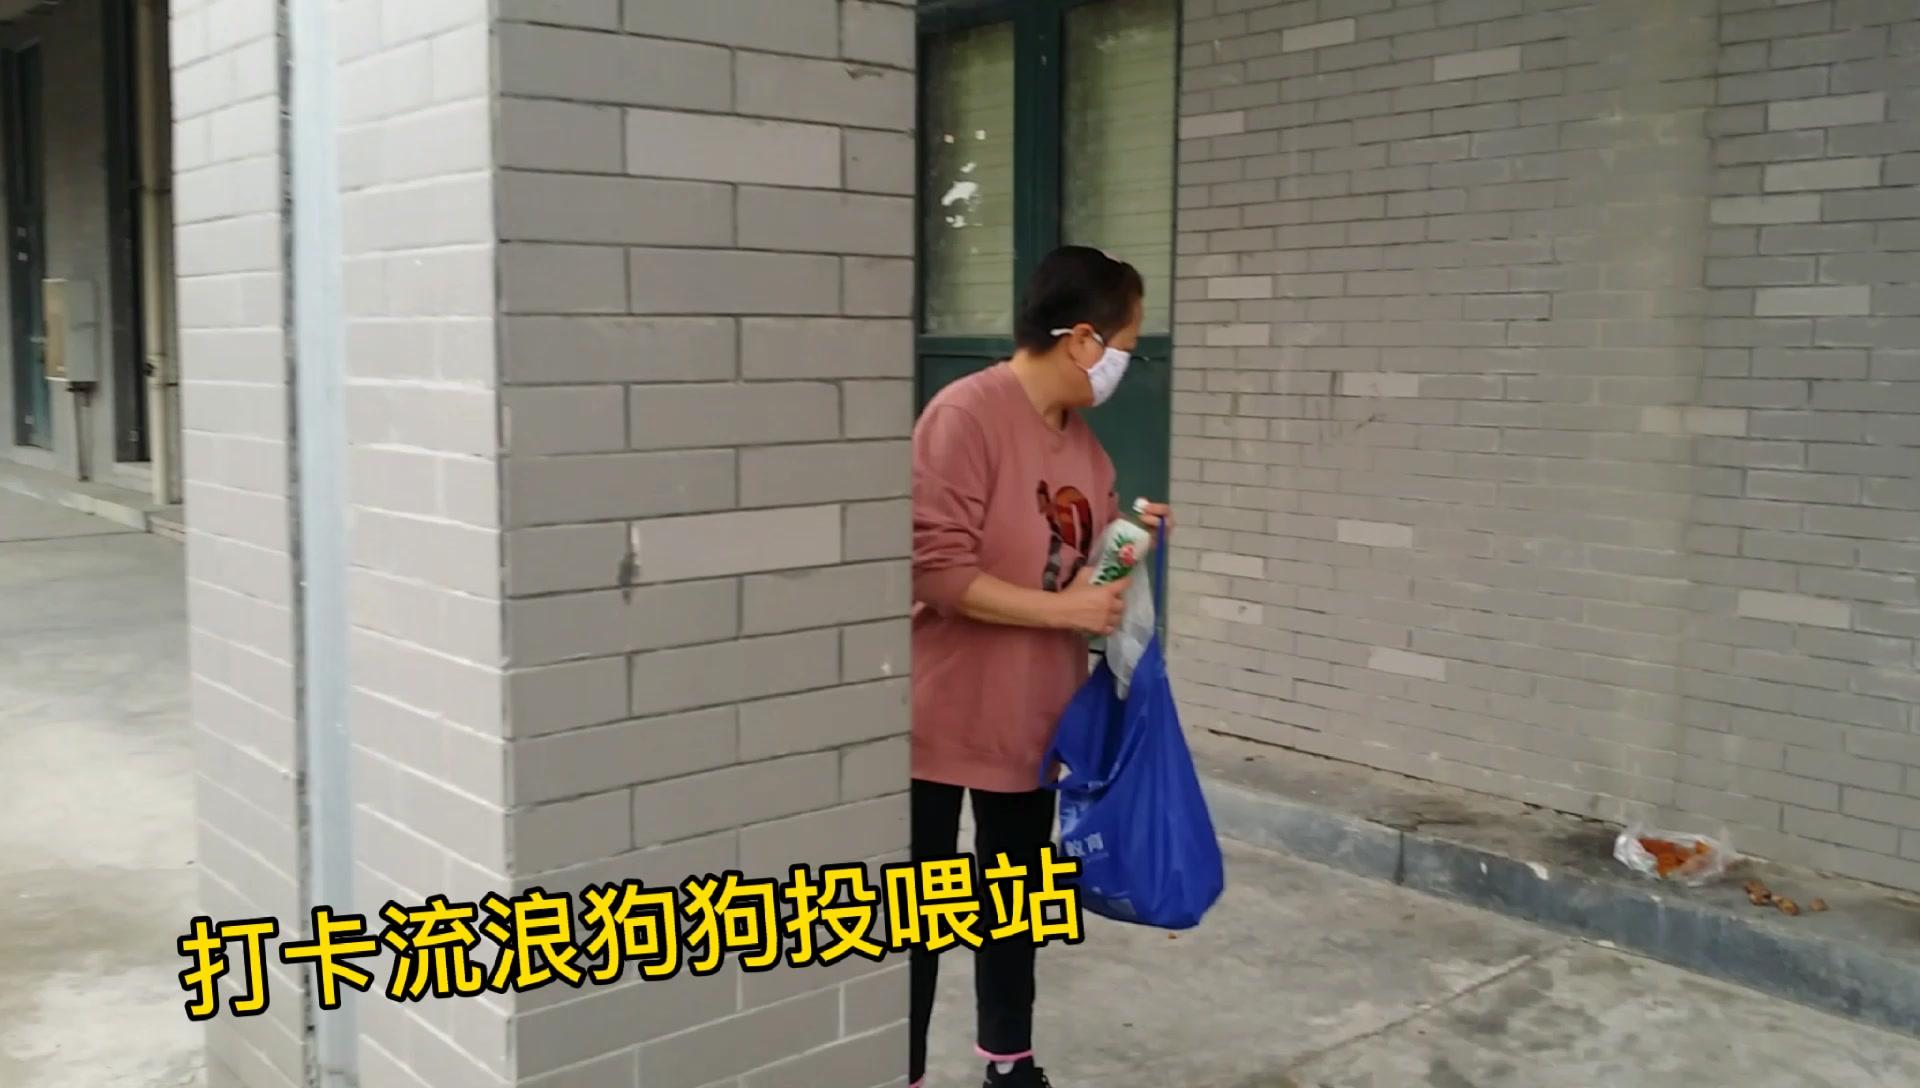 天蓬元帅武功秘籍大公开